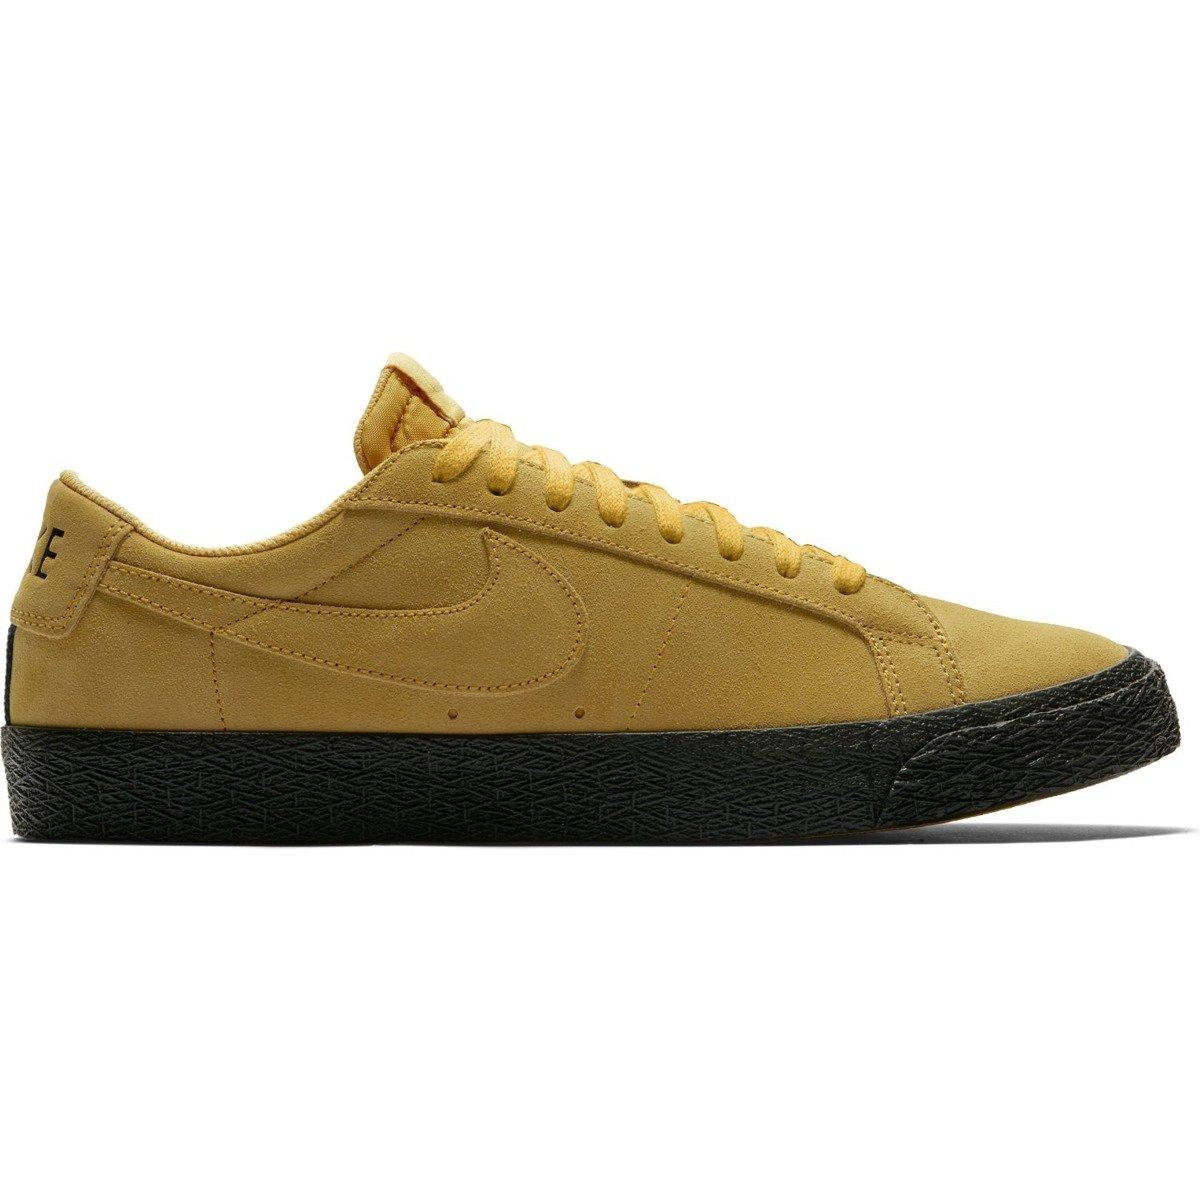 żółty sb nike BLACK shoes OCHRE OCHREYELLOW low YELLOW blazer zoom 7fnnzqwF